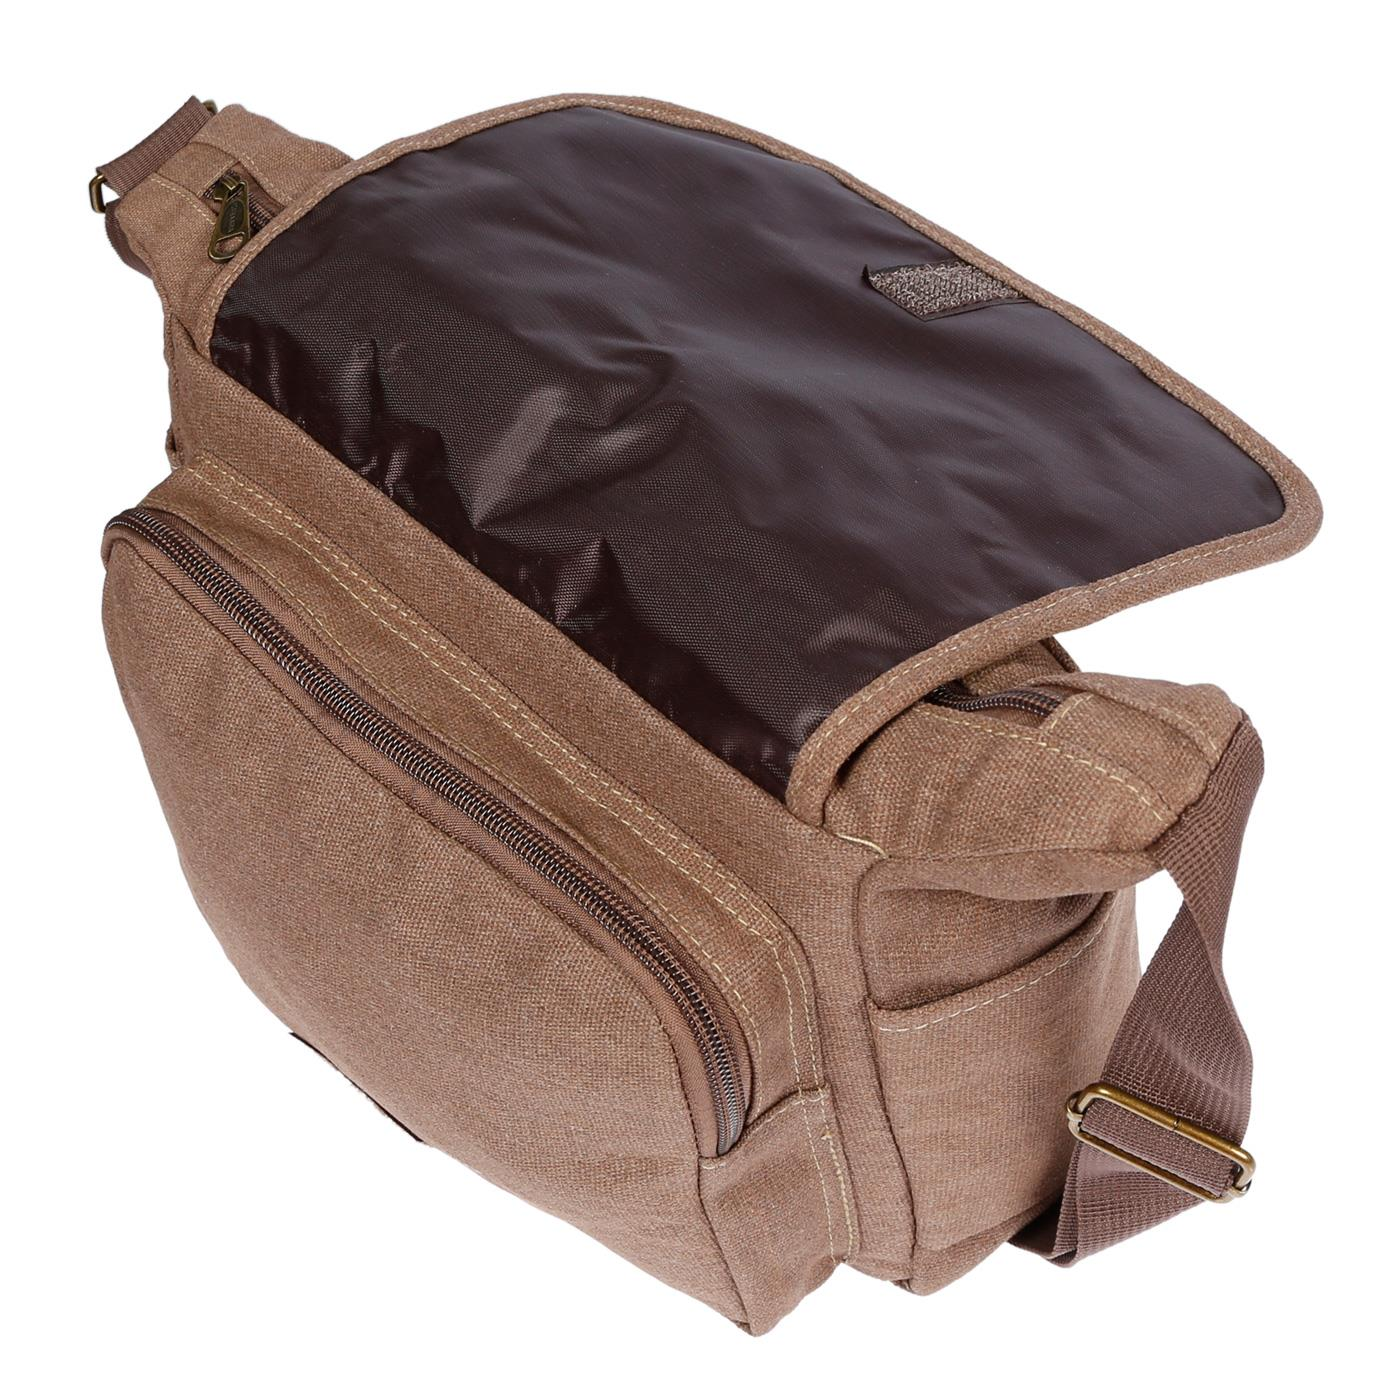 Damen-Tasche-Canvas-Umhaengetasche-Schultertasche-Crossover-Bag-Damenhandtasche Indexbild 29